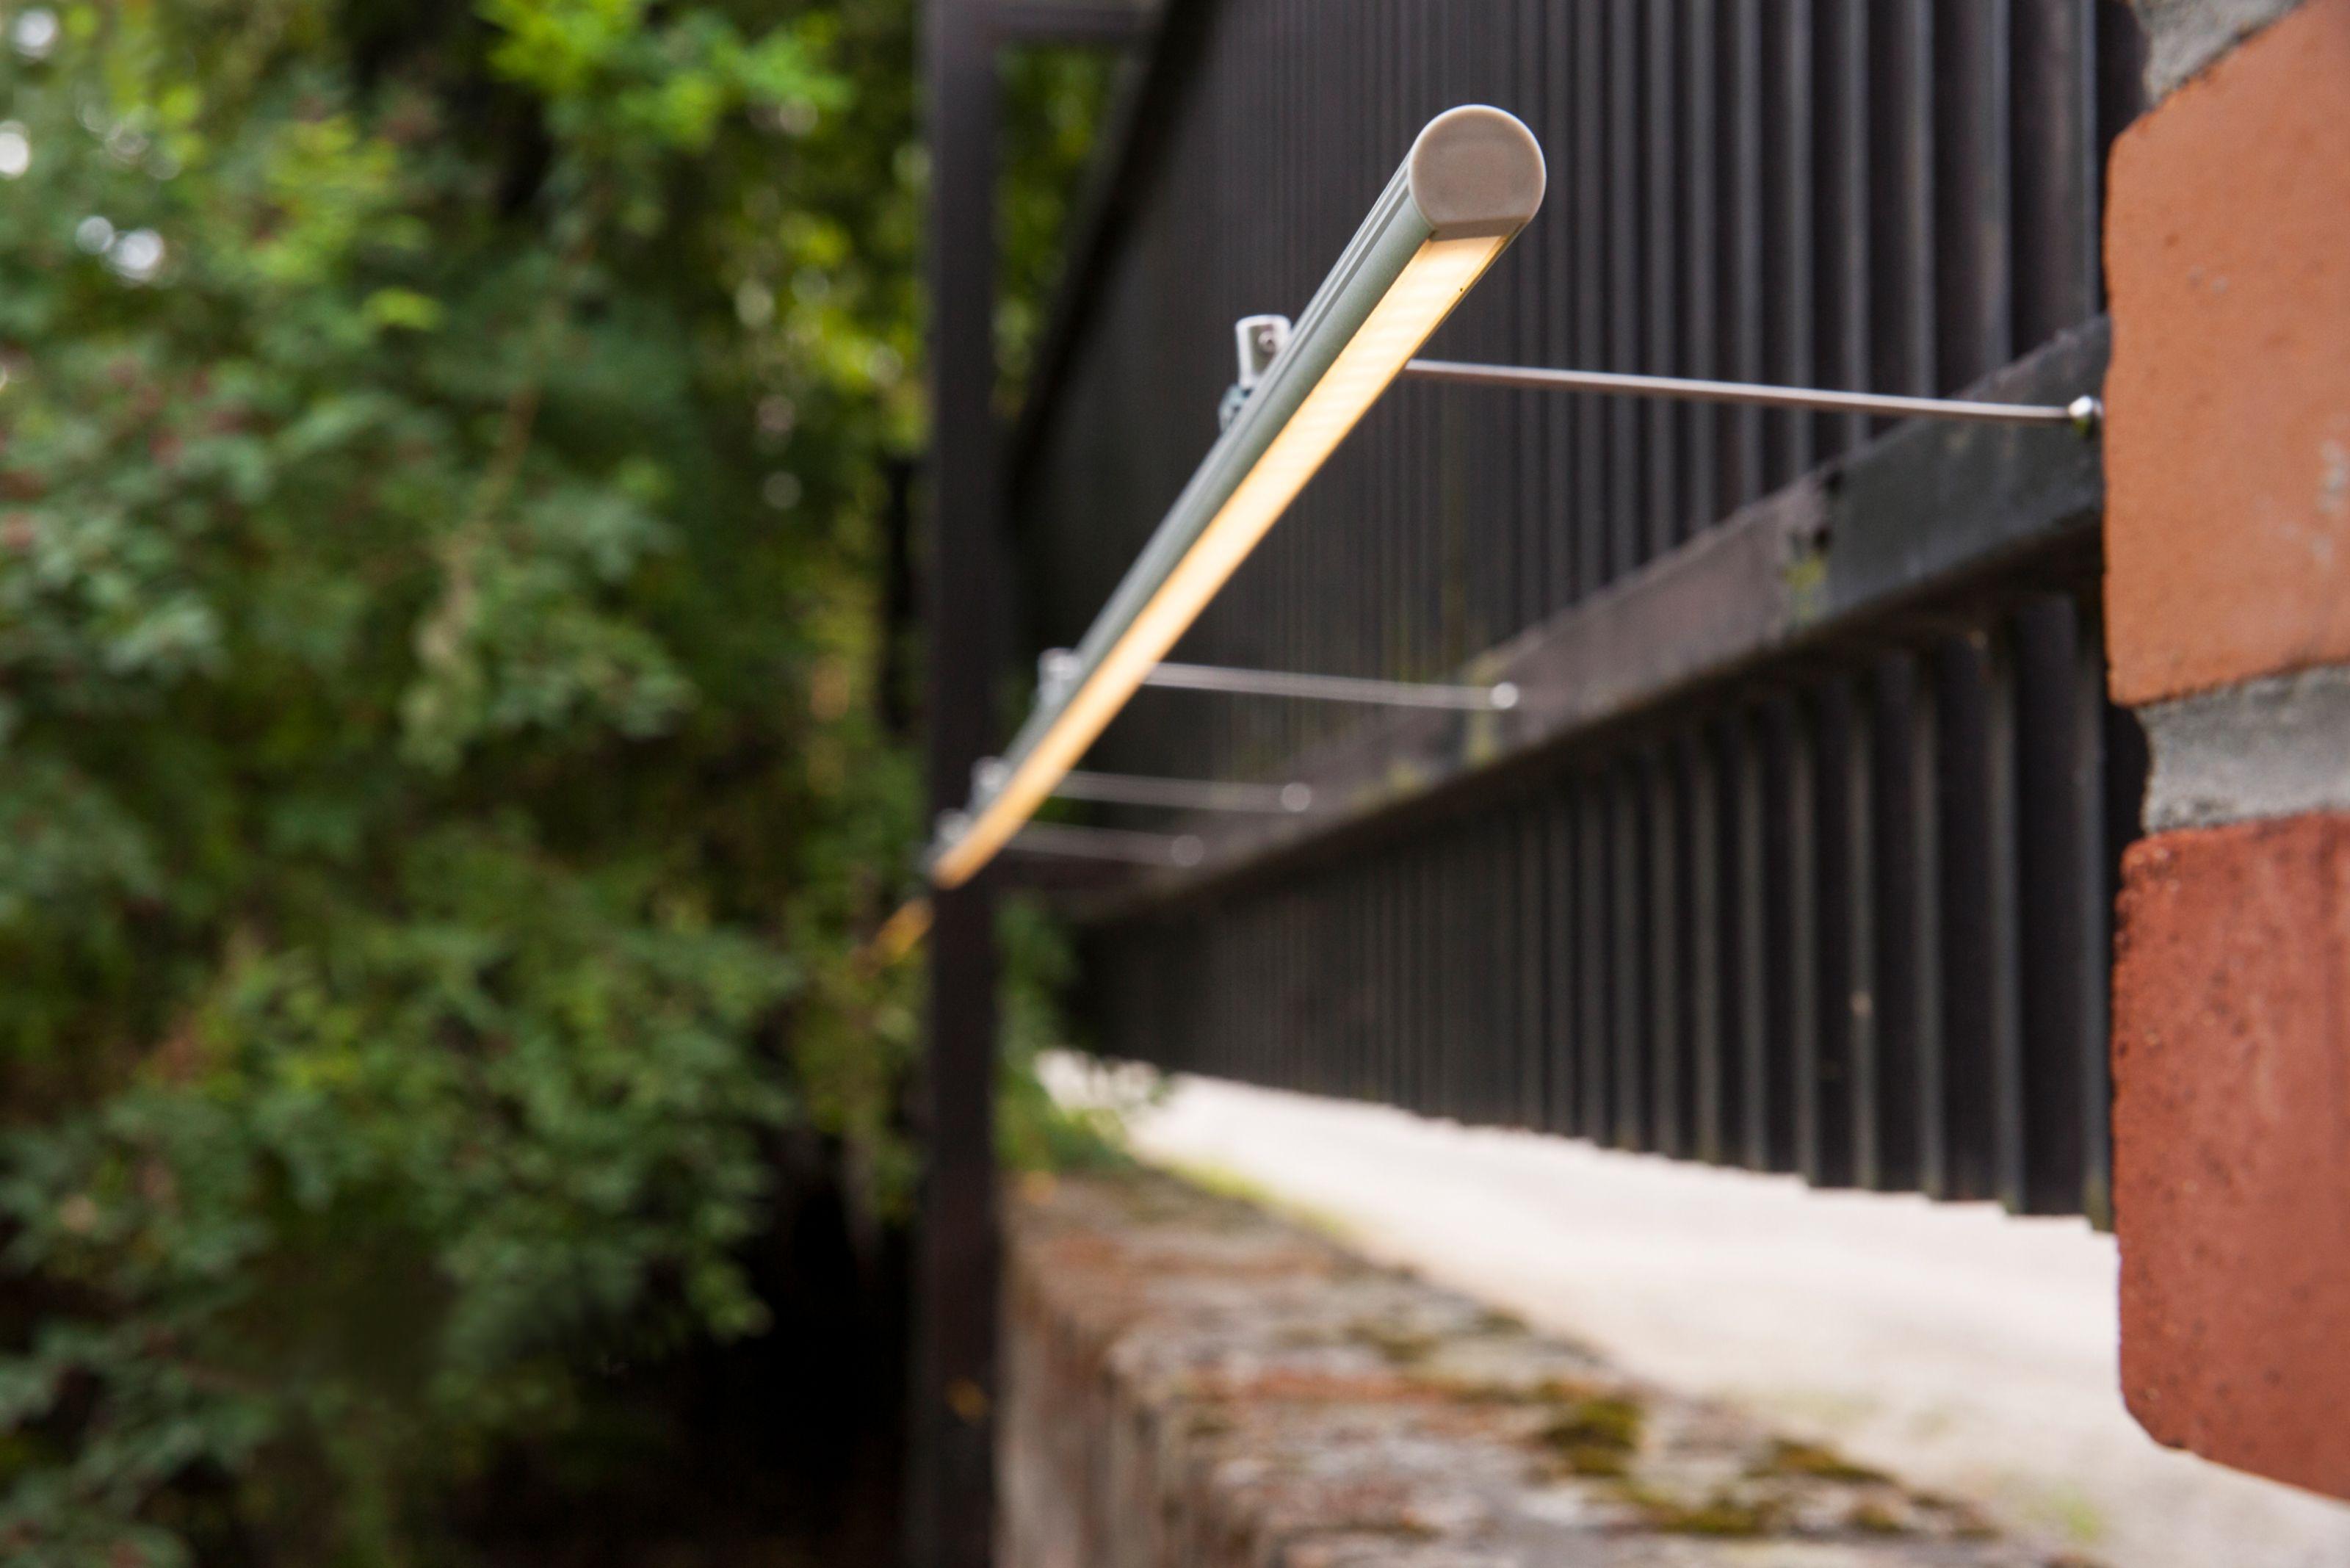 lightline-pipe-4-mj-lighting-2